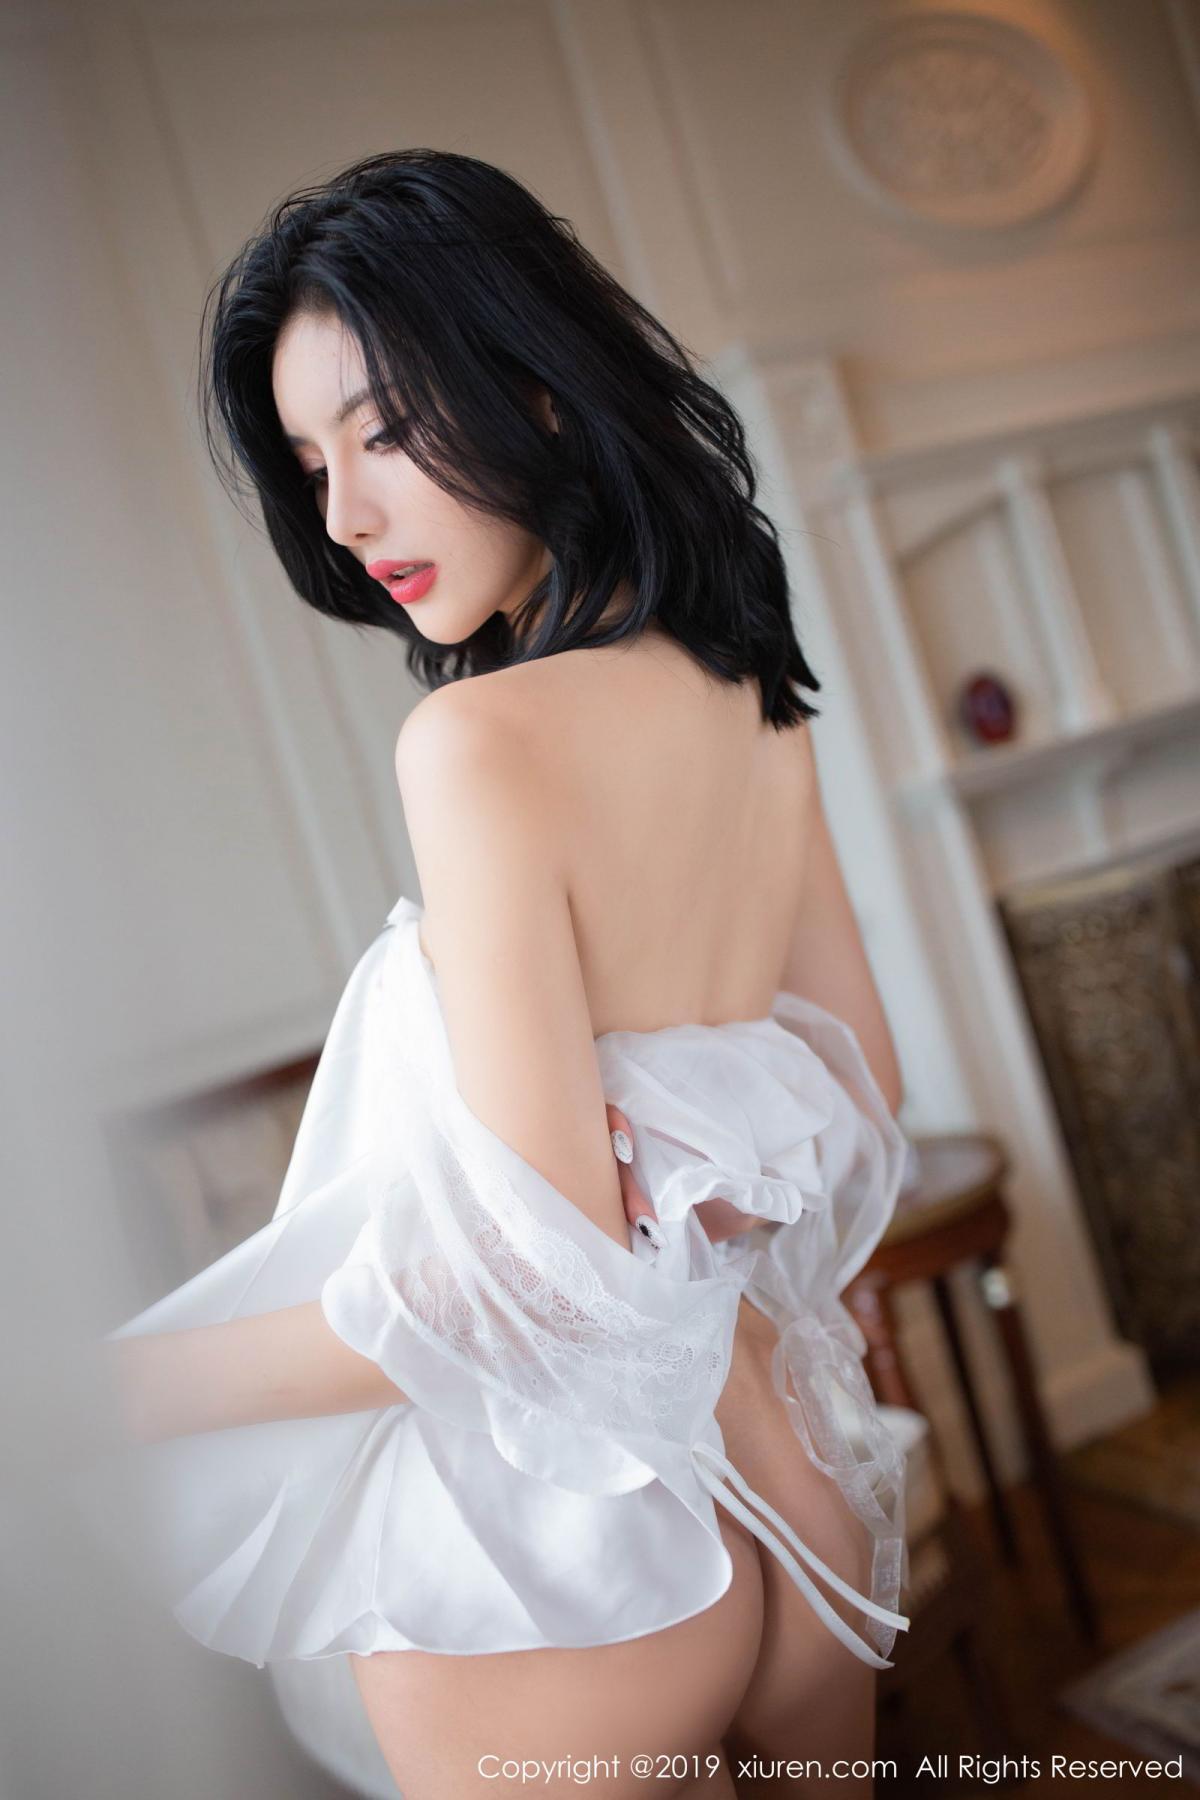 [XiuRen] Vol.1830 Jiu Shi A Zhu - Hotgirl.biz